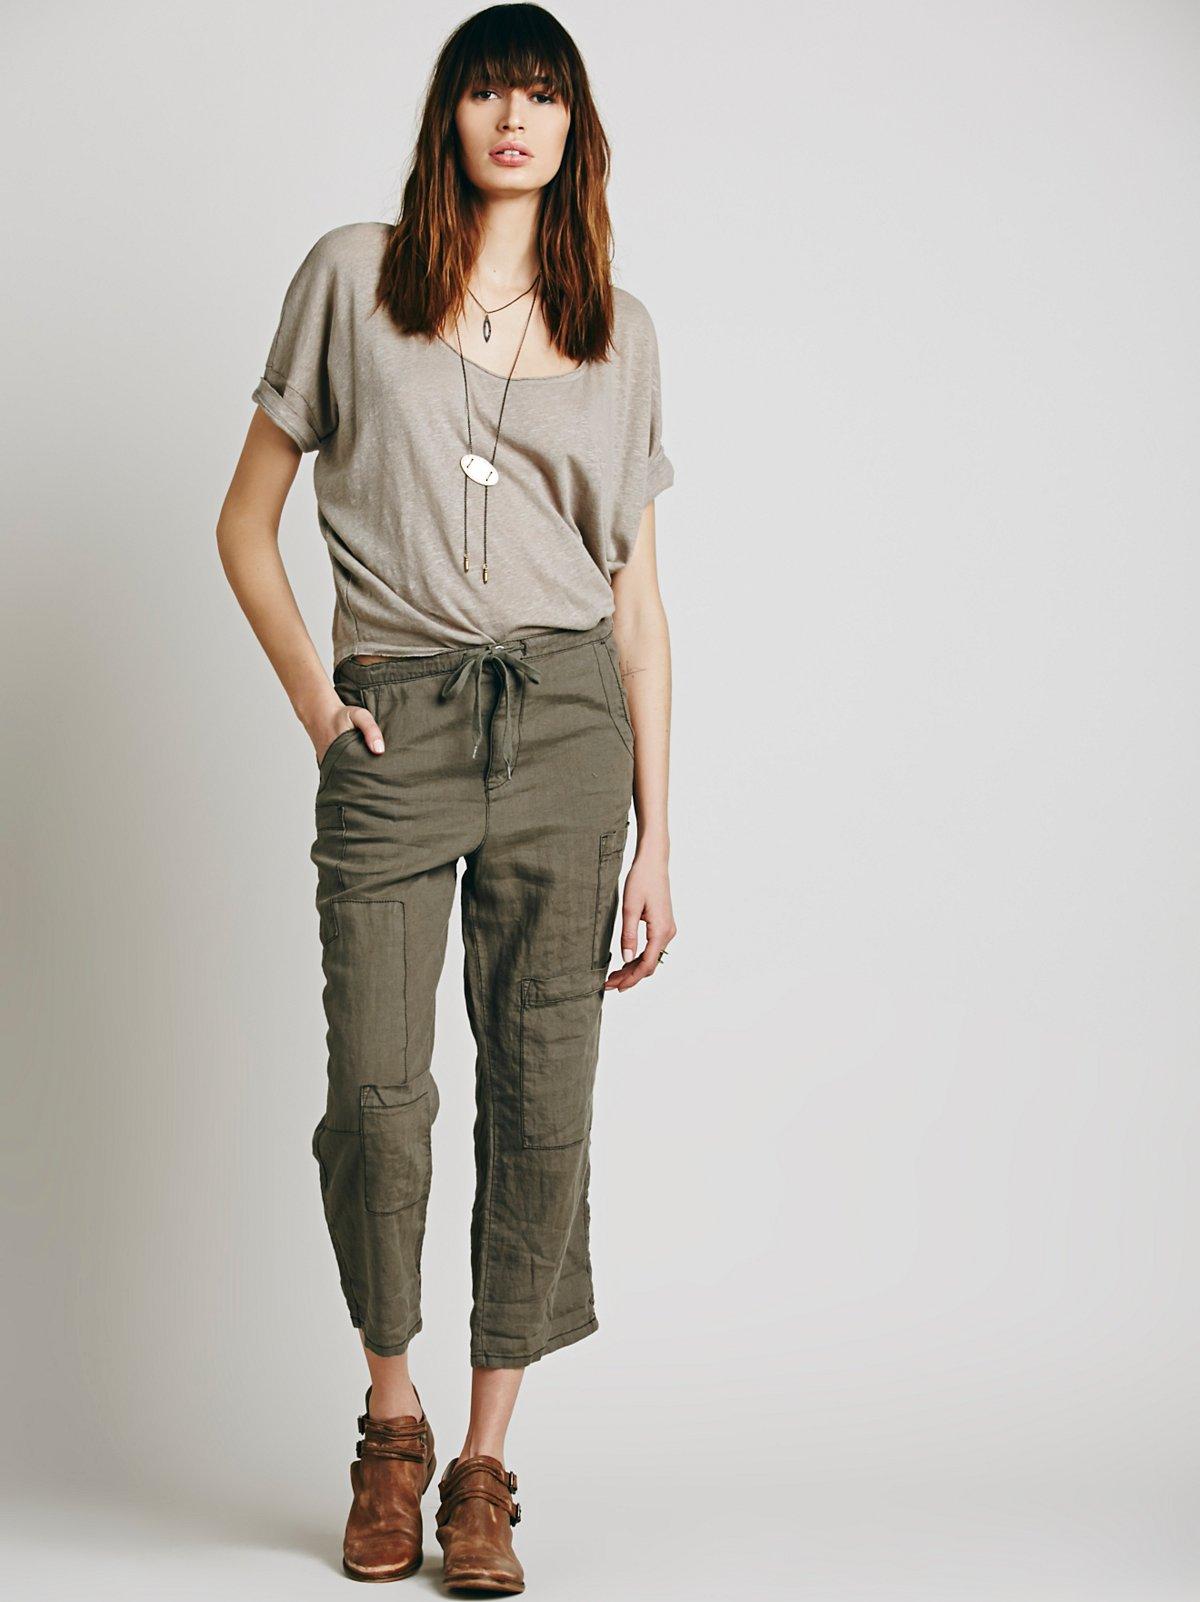 Cropped Utility Pant W/抽绳裤装